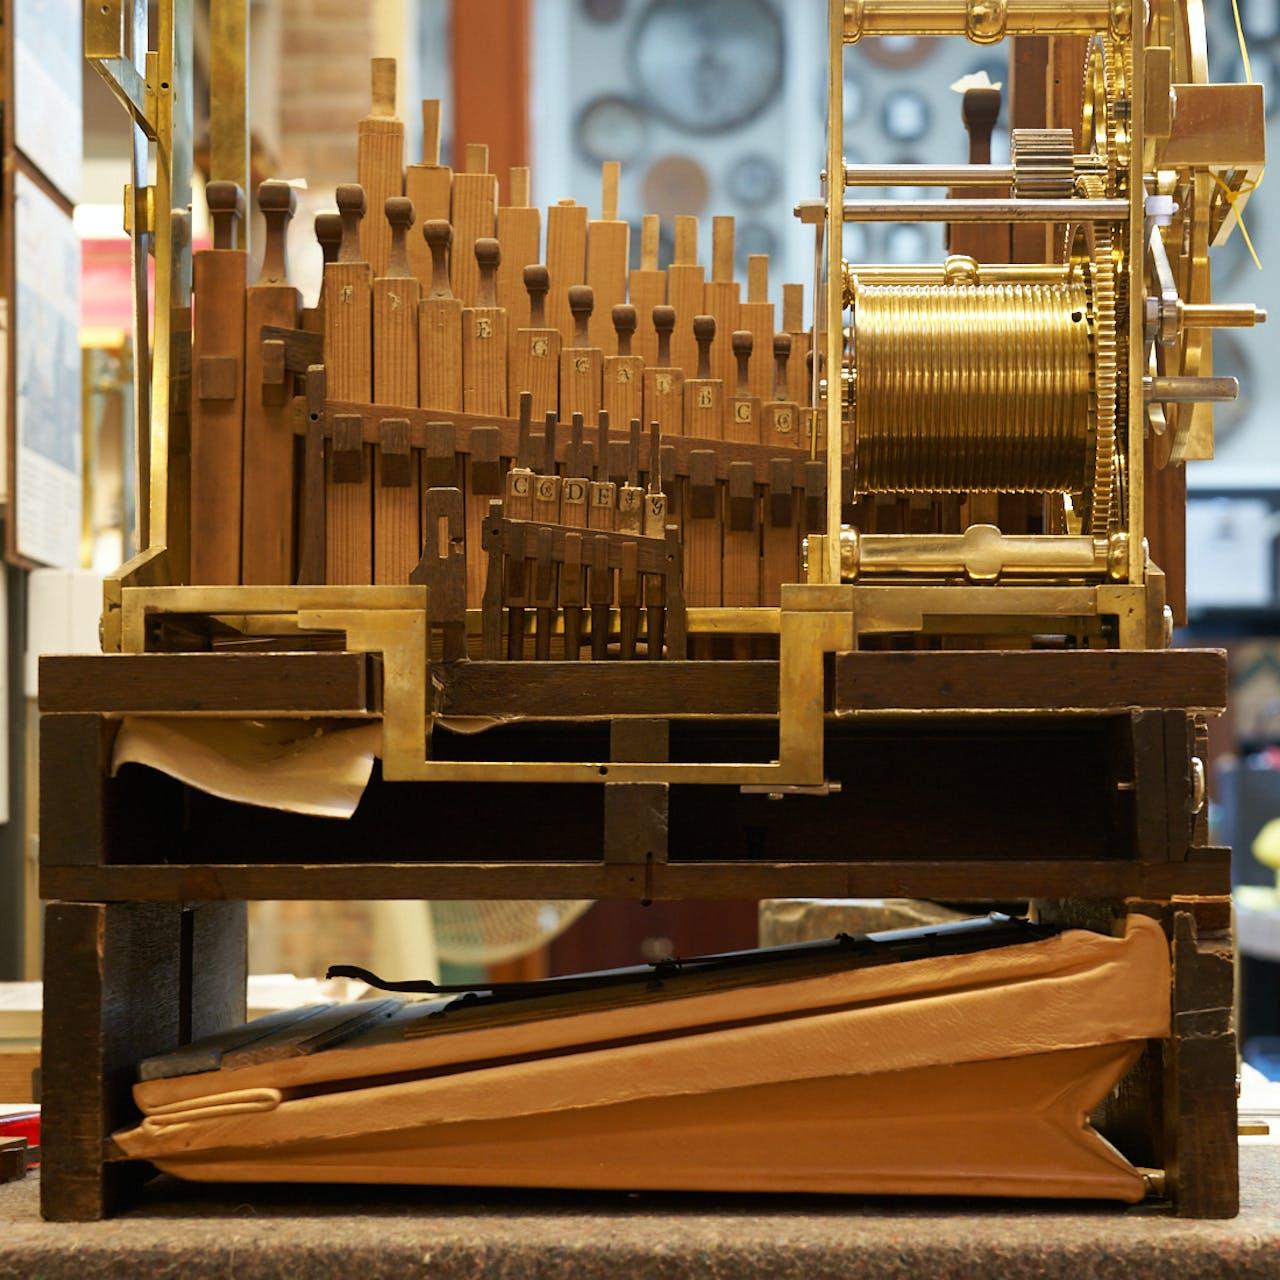 Orgel en blaasbalg - Klok van Clay